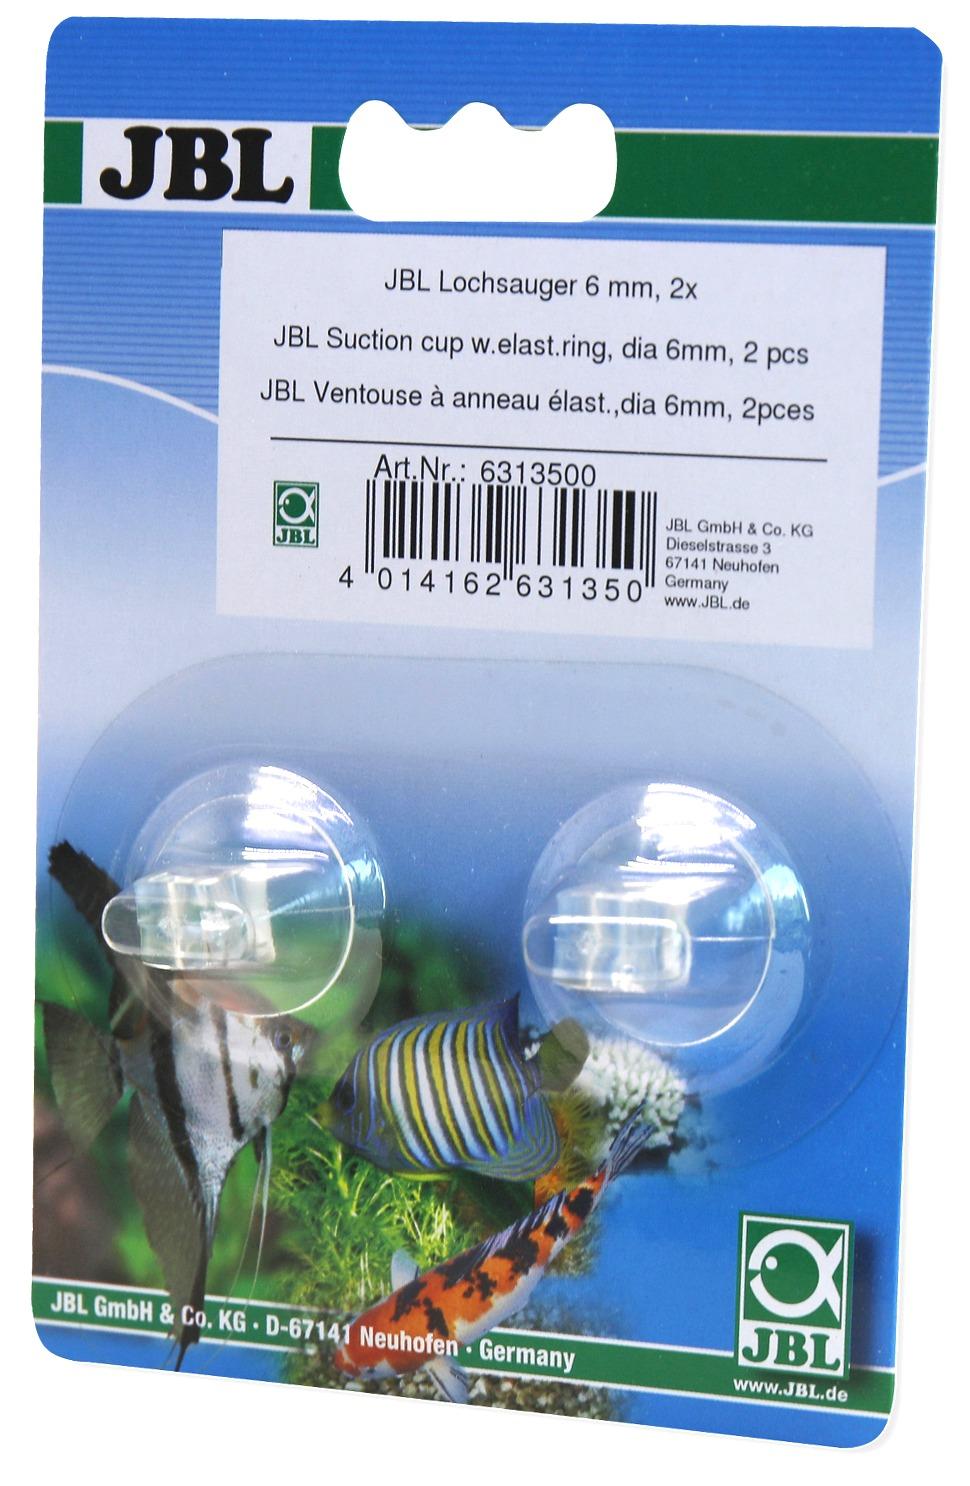 Lot de 2 ventouses JBL à anneau élastique 6 mm pour objet de 6 à 7 mm de diamètre